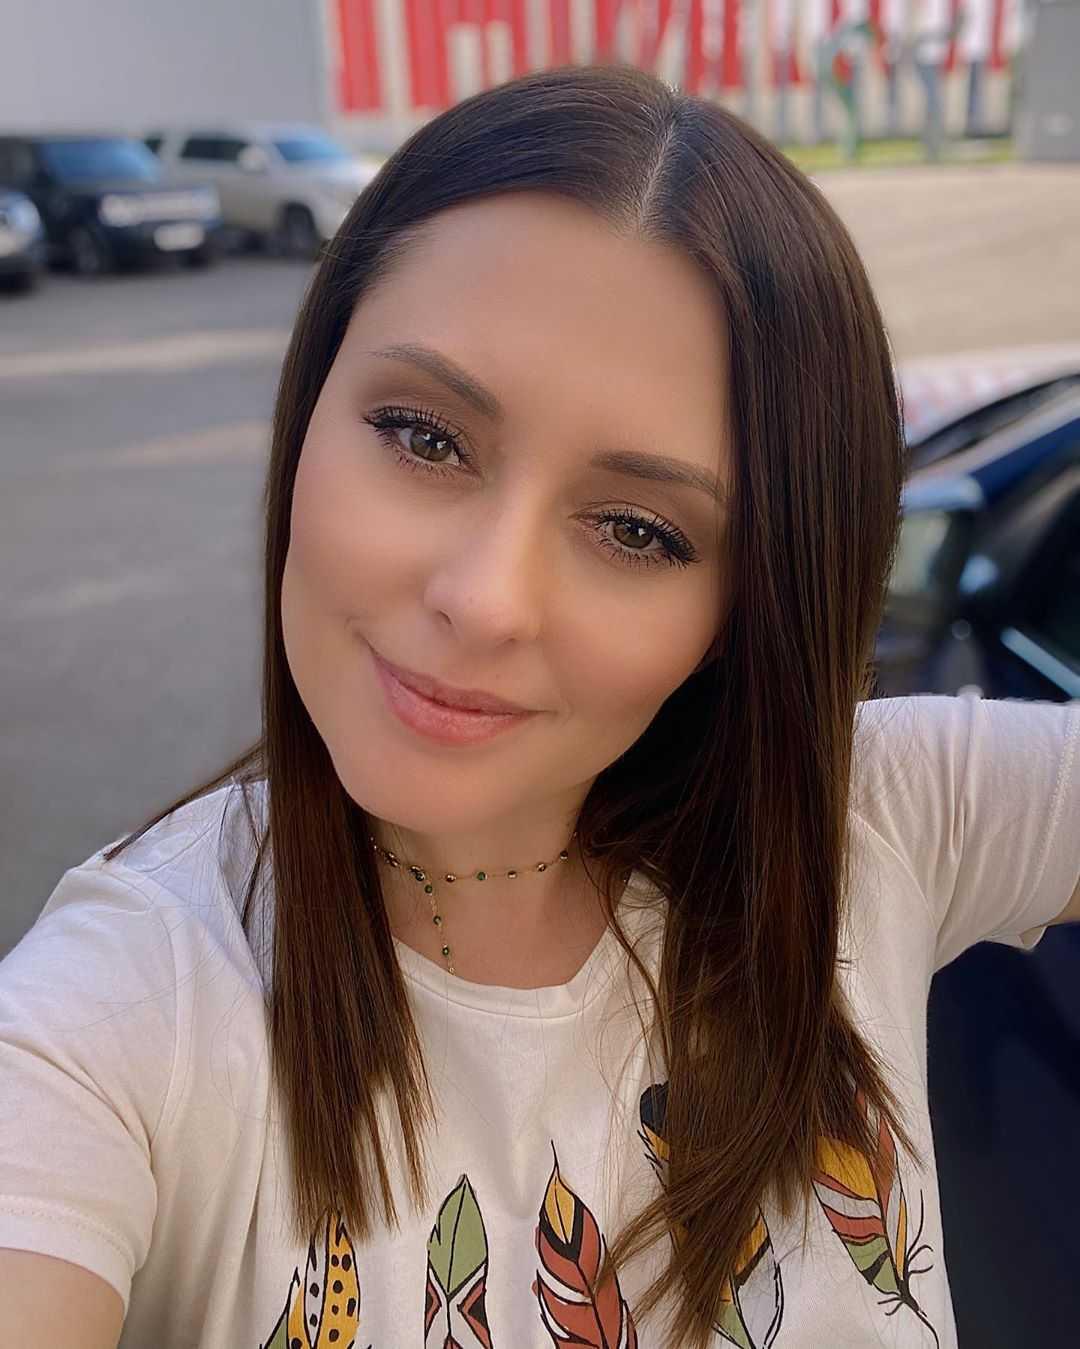 «Горячая красотка»: Мария Кравченко побаловала фанатов дерзким образом в сексуальном наряде